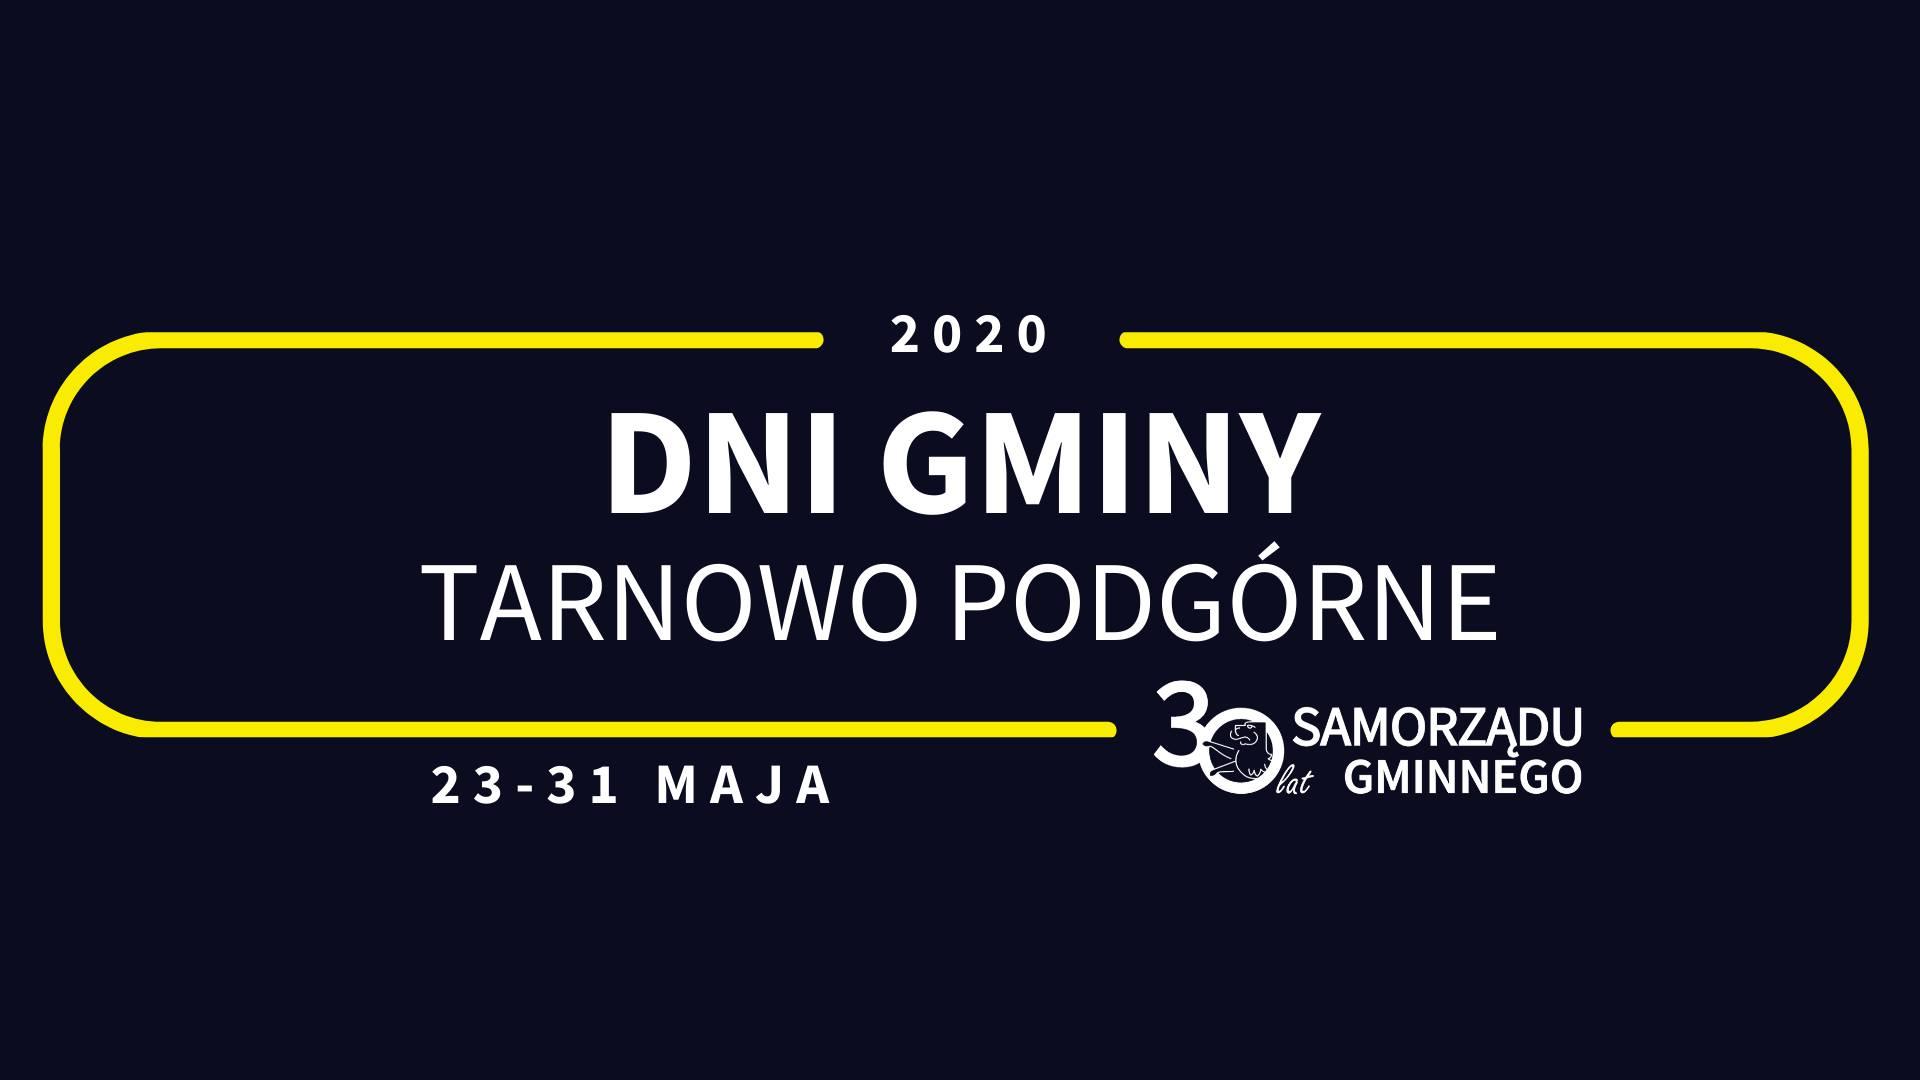 Dni Gminy Tarnowo Podgórne 2020 | 30-lecie Samorządu Gminnego